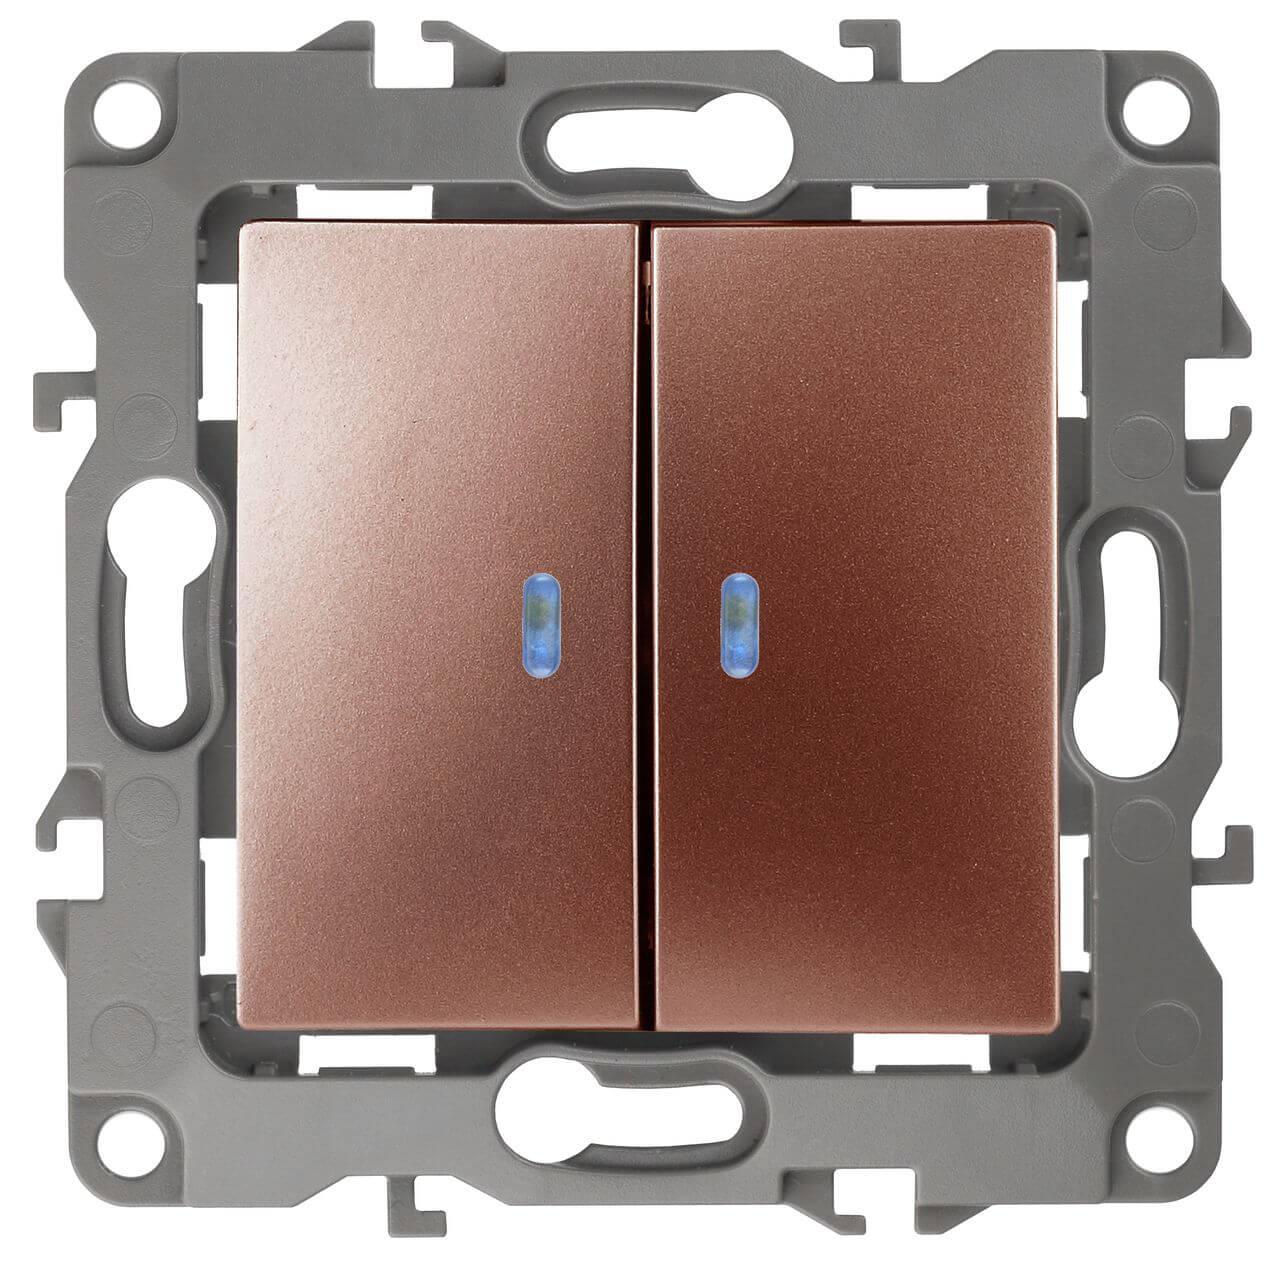 Выключатель двухклавишный с подсветкой ЭРА 12 10AX 250V 12-1105-14 цены